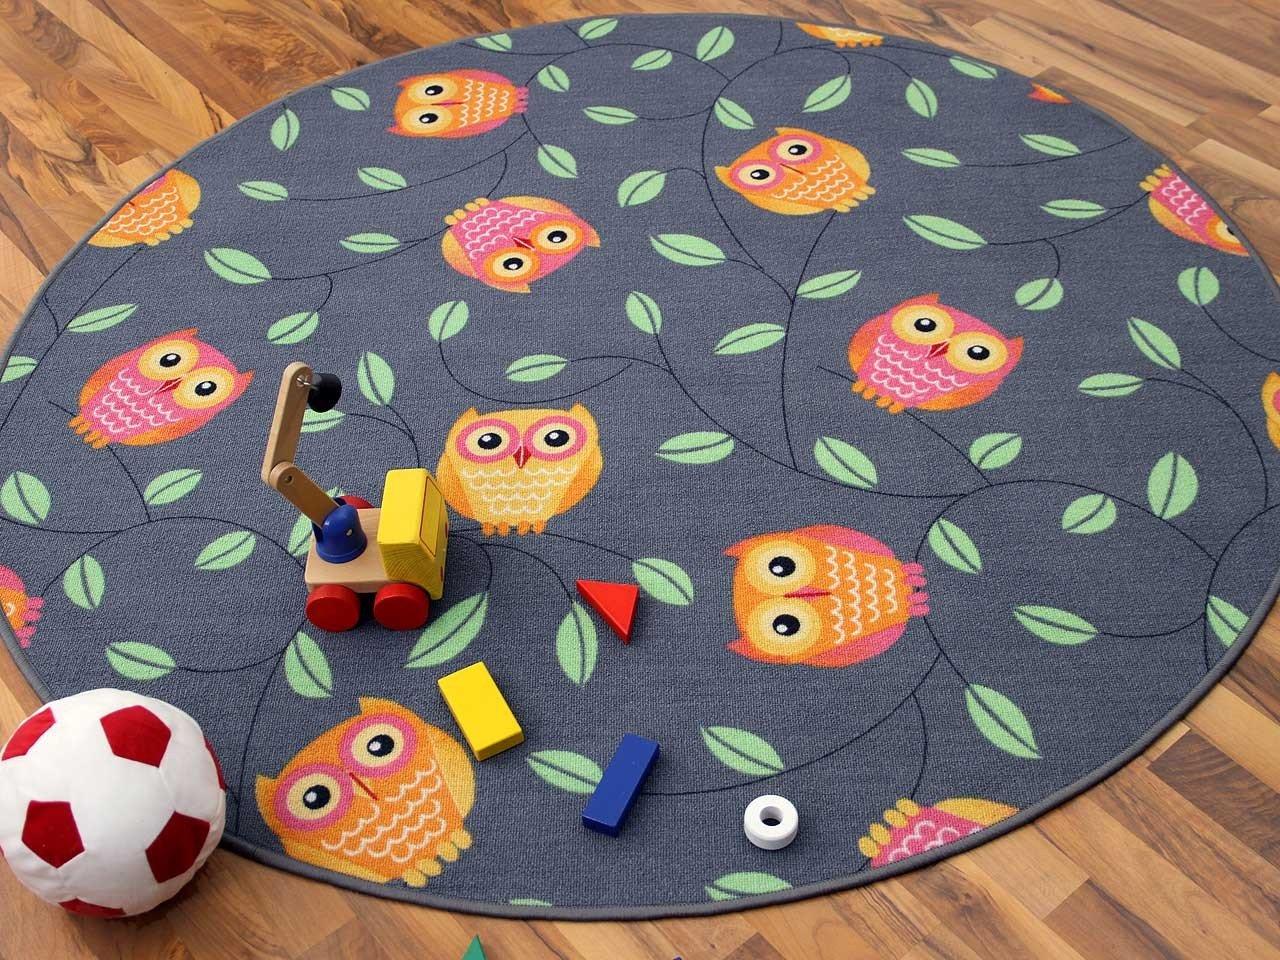 Tapis de jeu pour enfant chouette en gris rond - 4 tailles disponibles Snapstyle